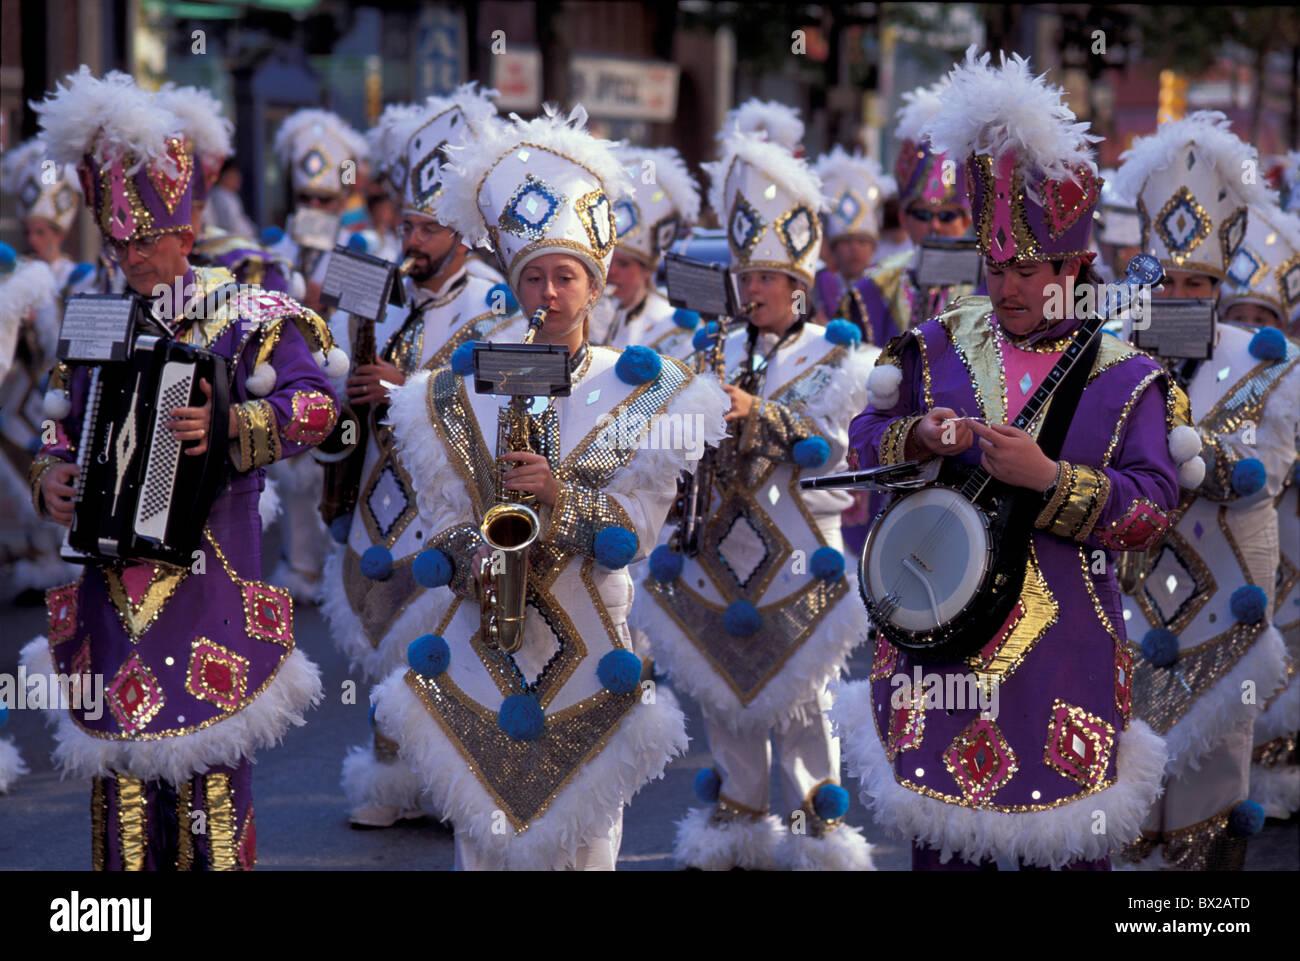 Marciando volume di nastro Marchingband delocalizzazione sposta musica musicista costumi celebrazione street parade Immagini Stock